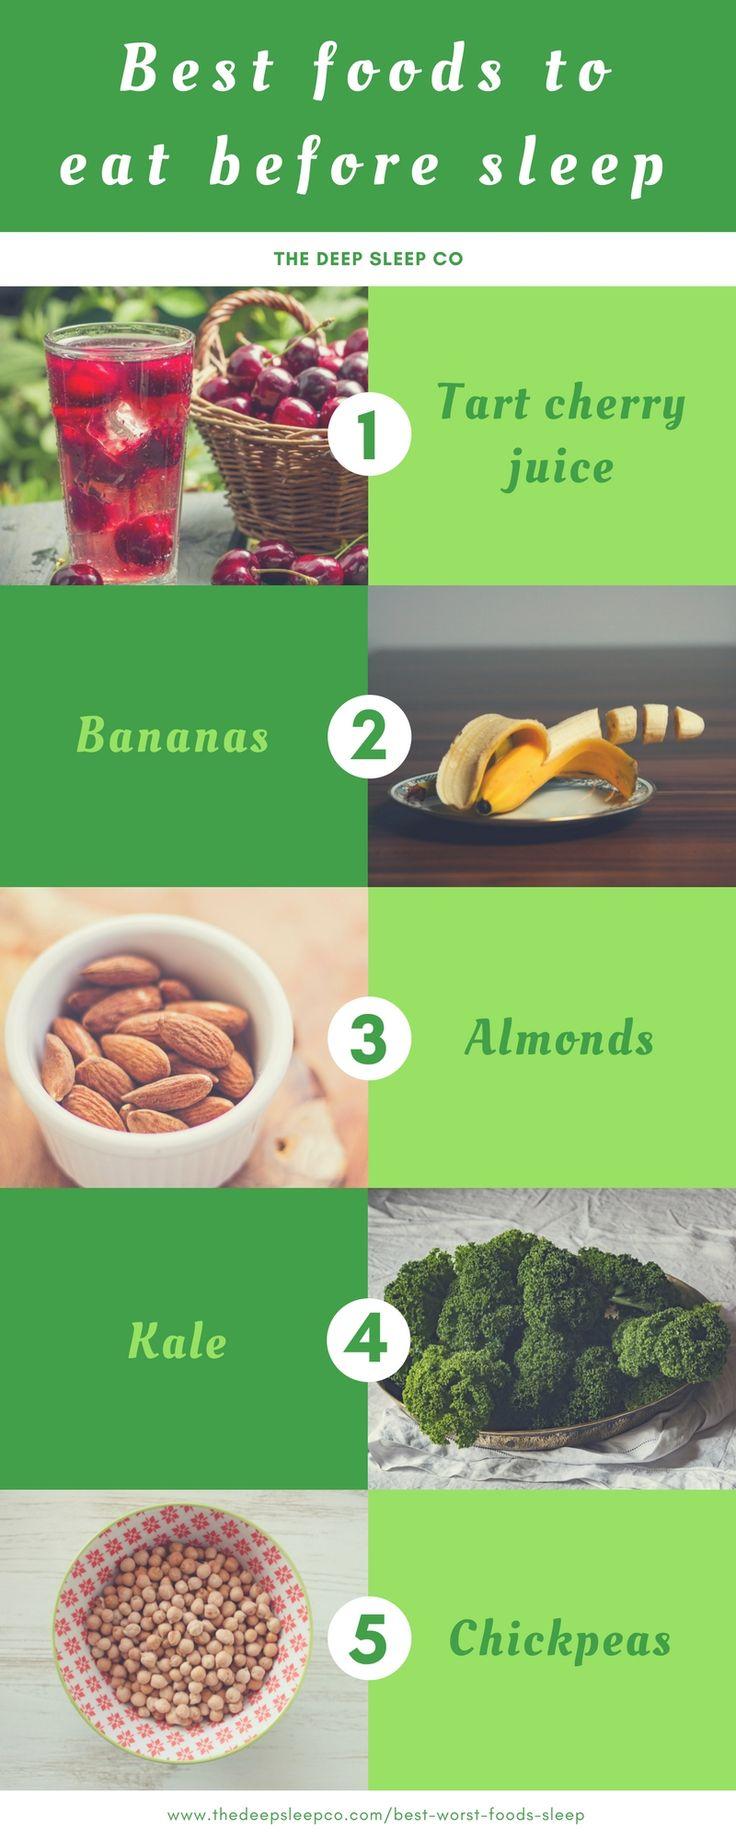 Foods that help you sleep. #sleep #food #diet #nutrition